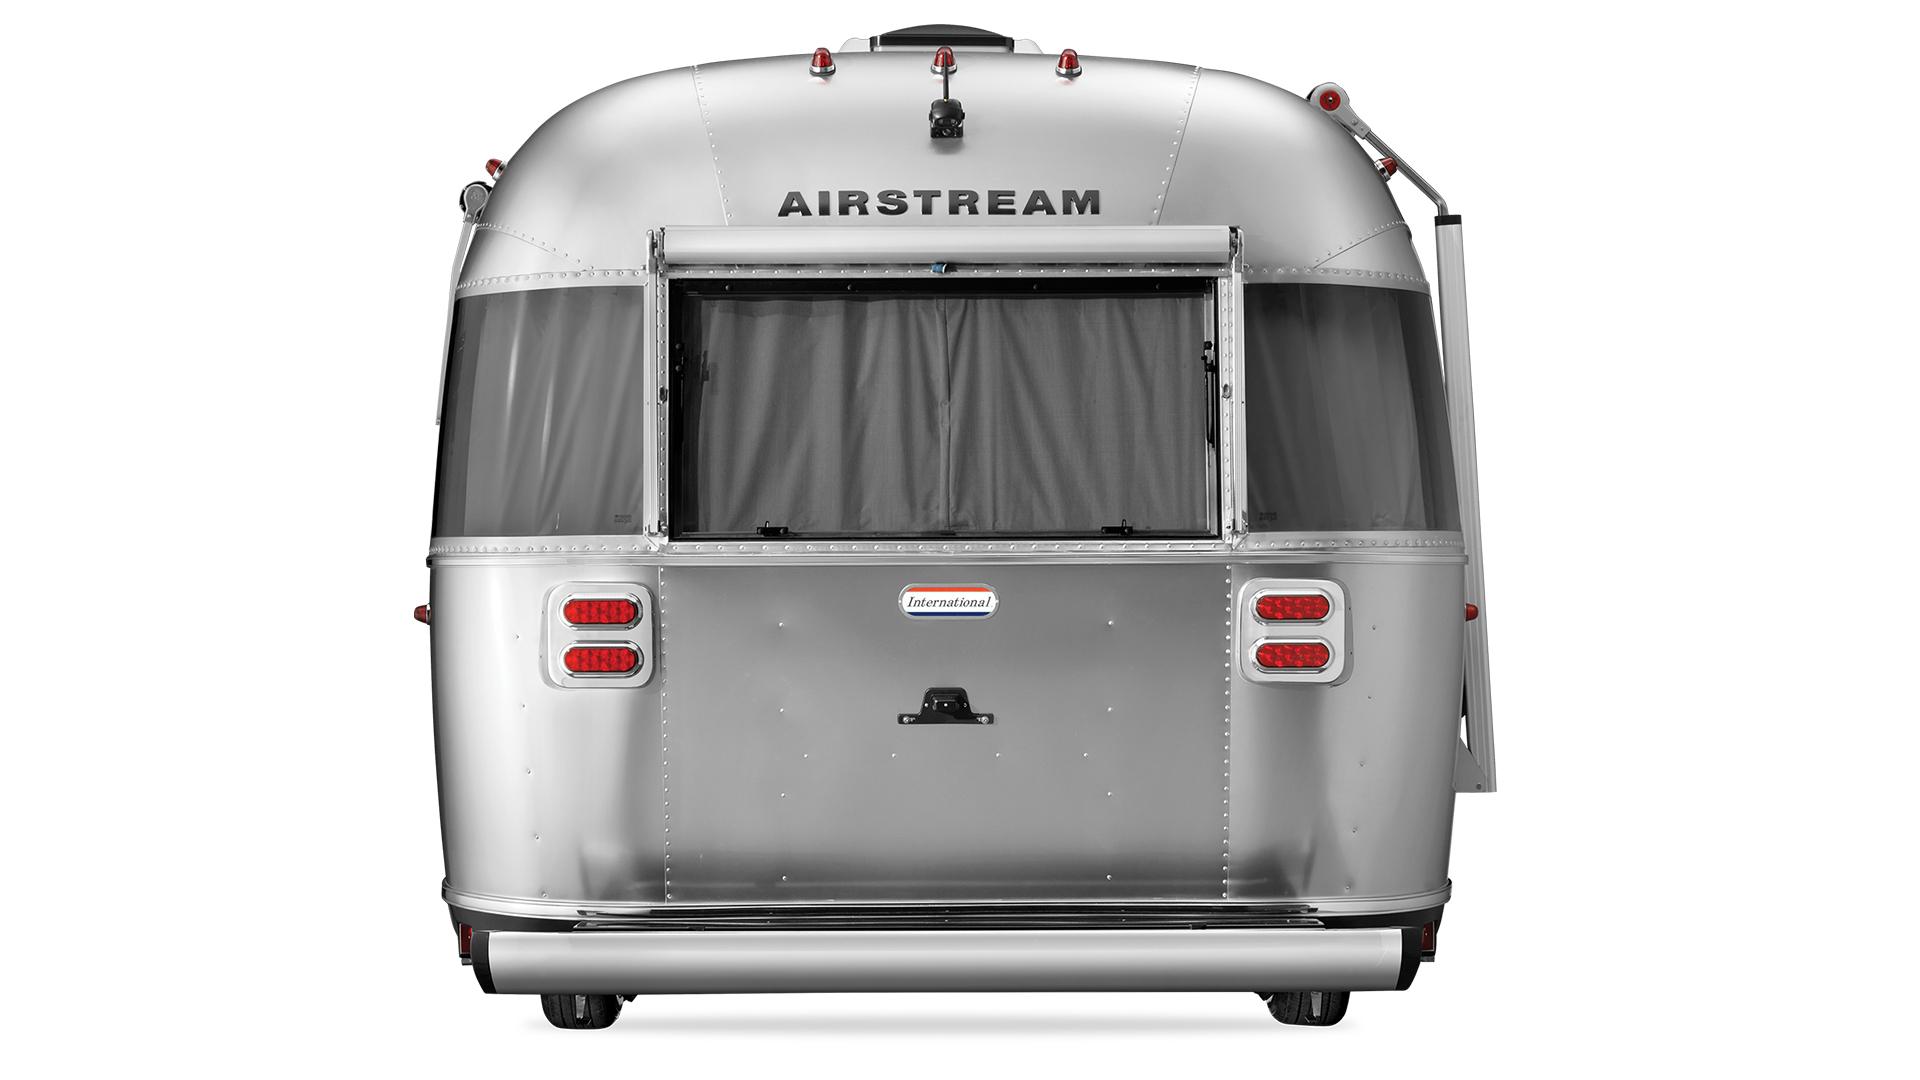 Airstream-27FB-Exterior-Rear